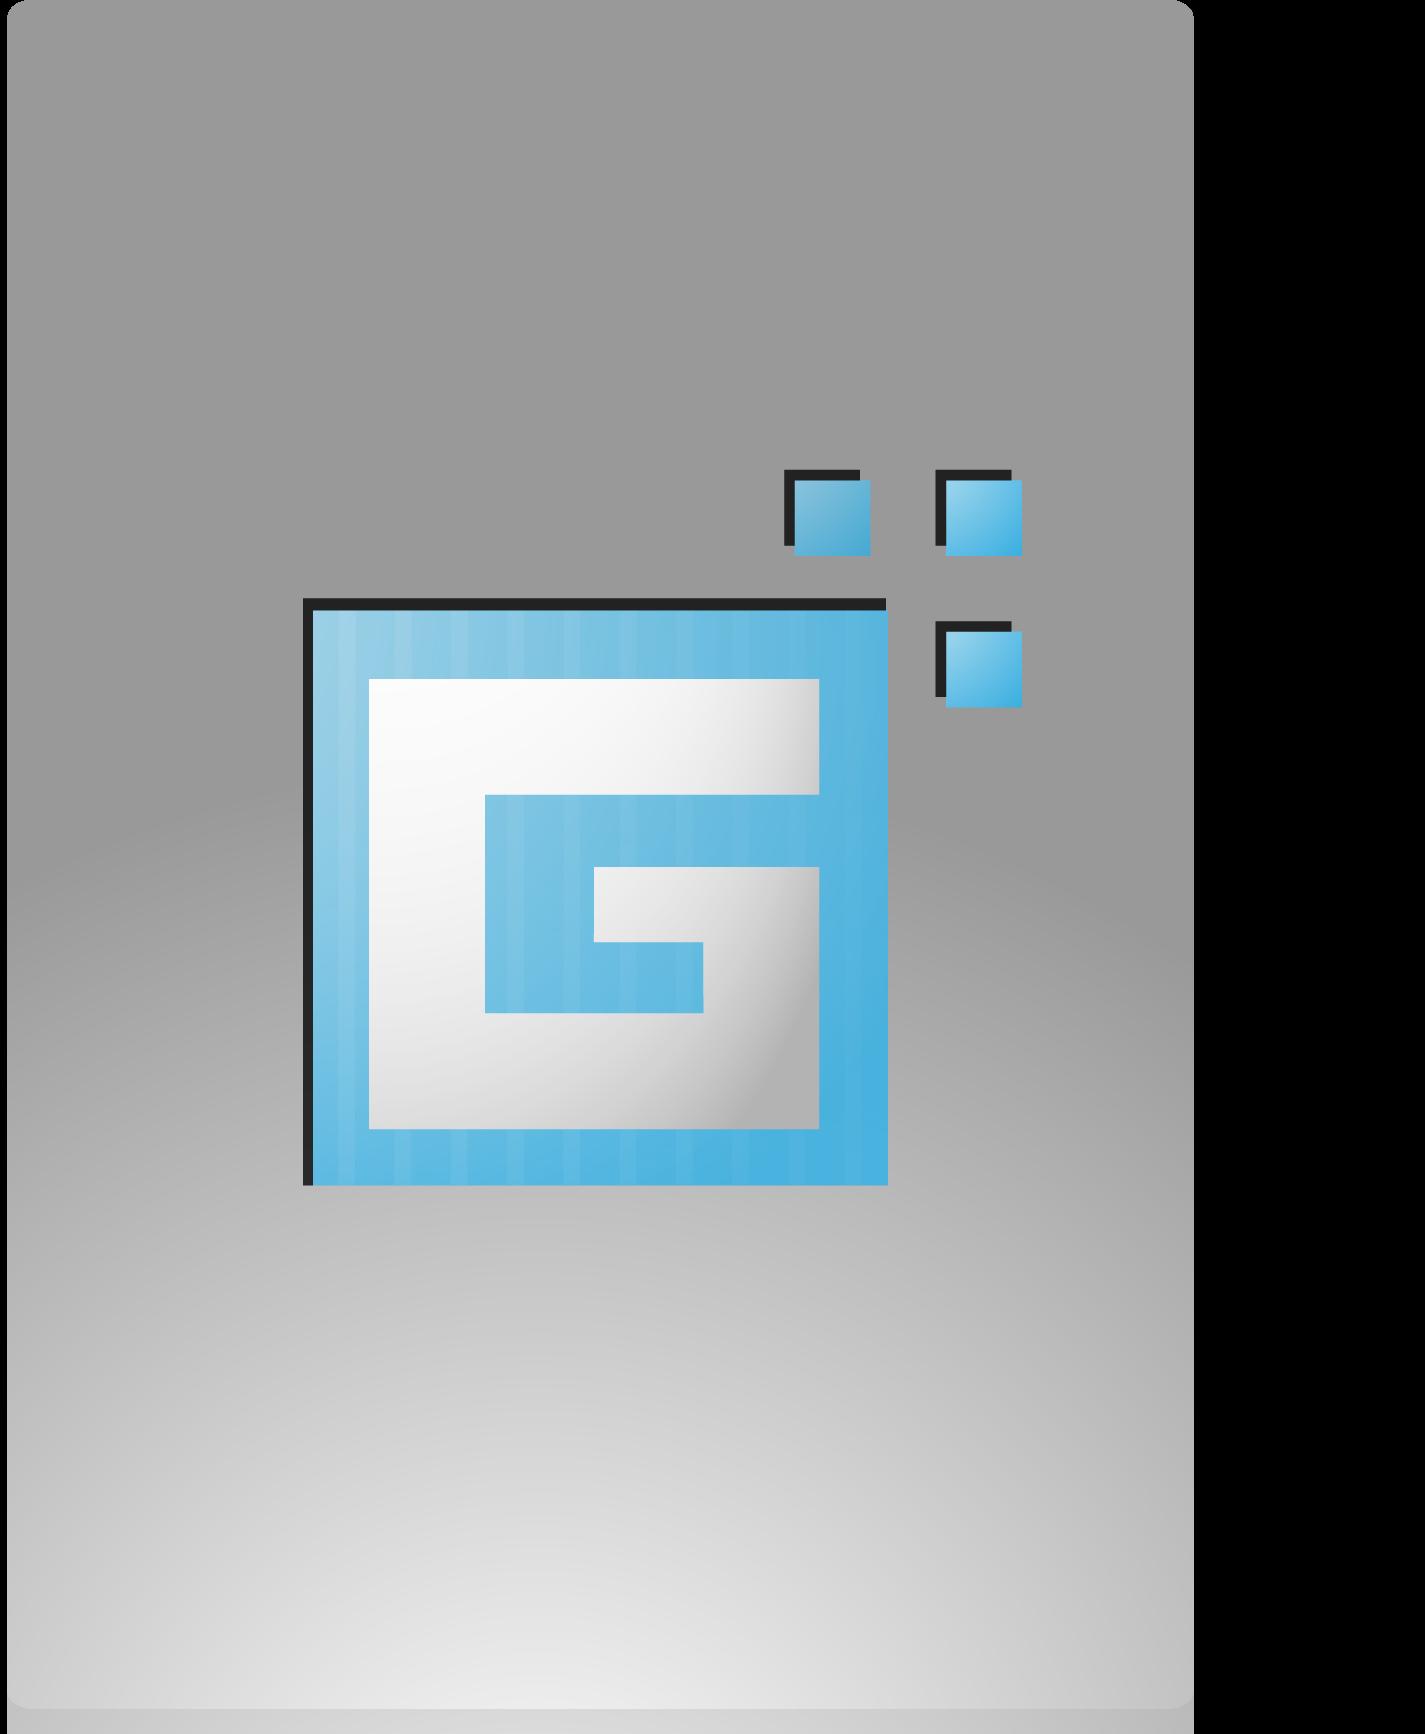 Разработать логотип к ПО фото f_4ba47fe6ce8c8.png